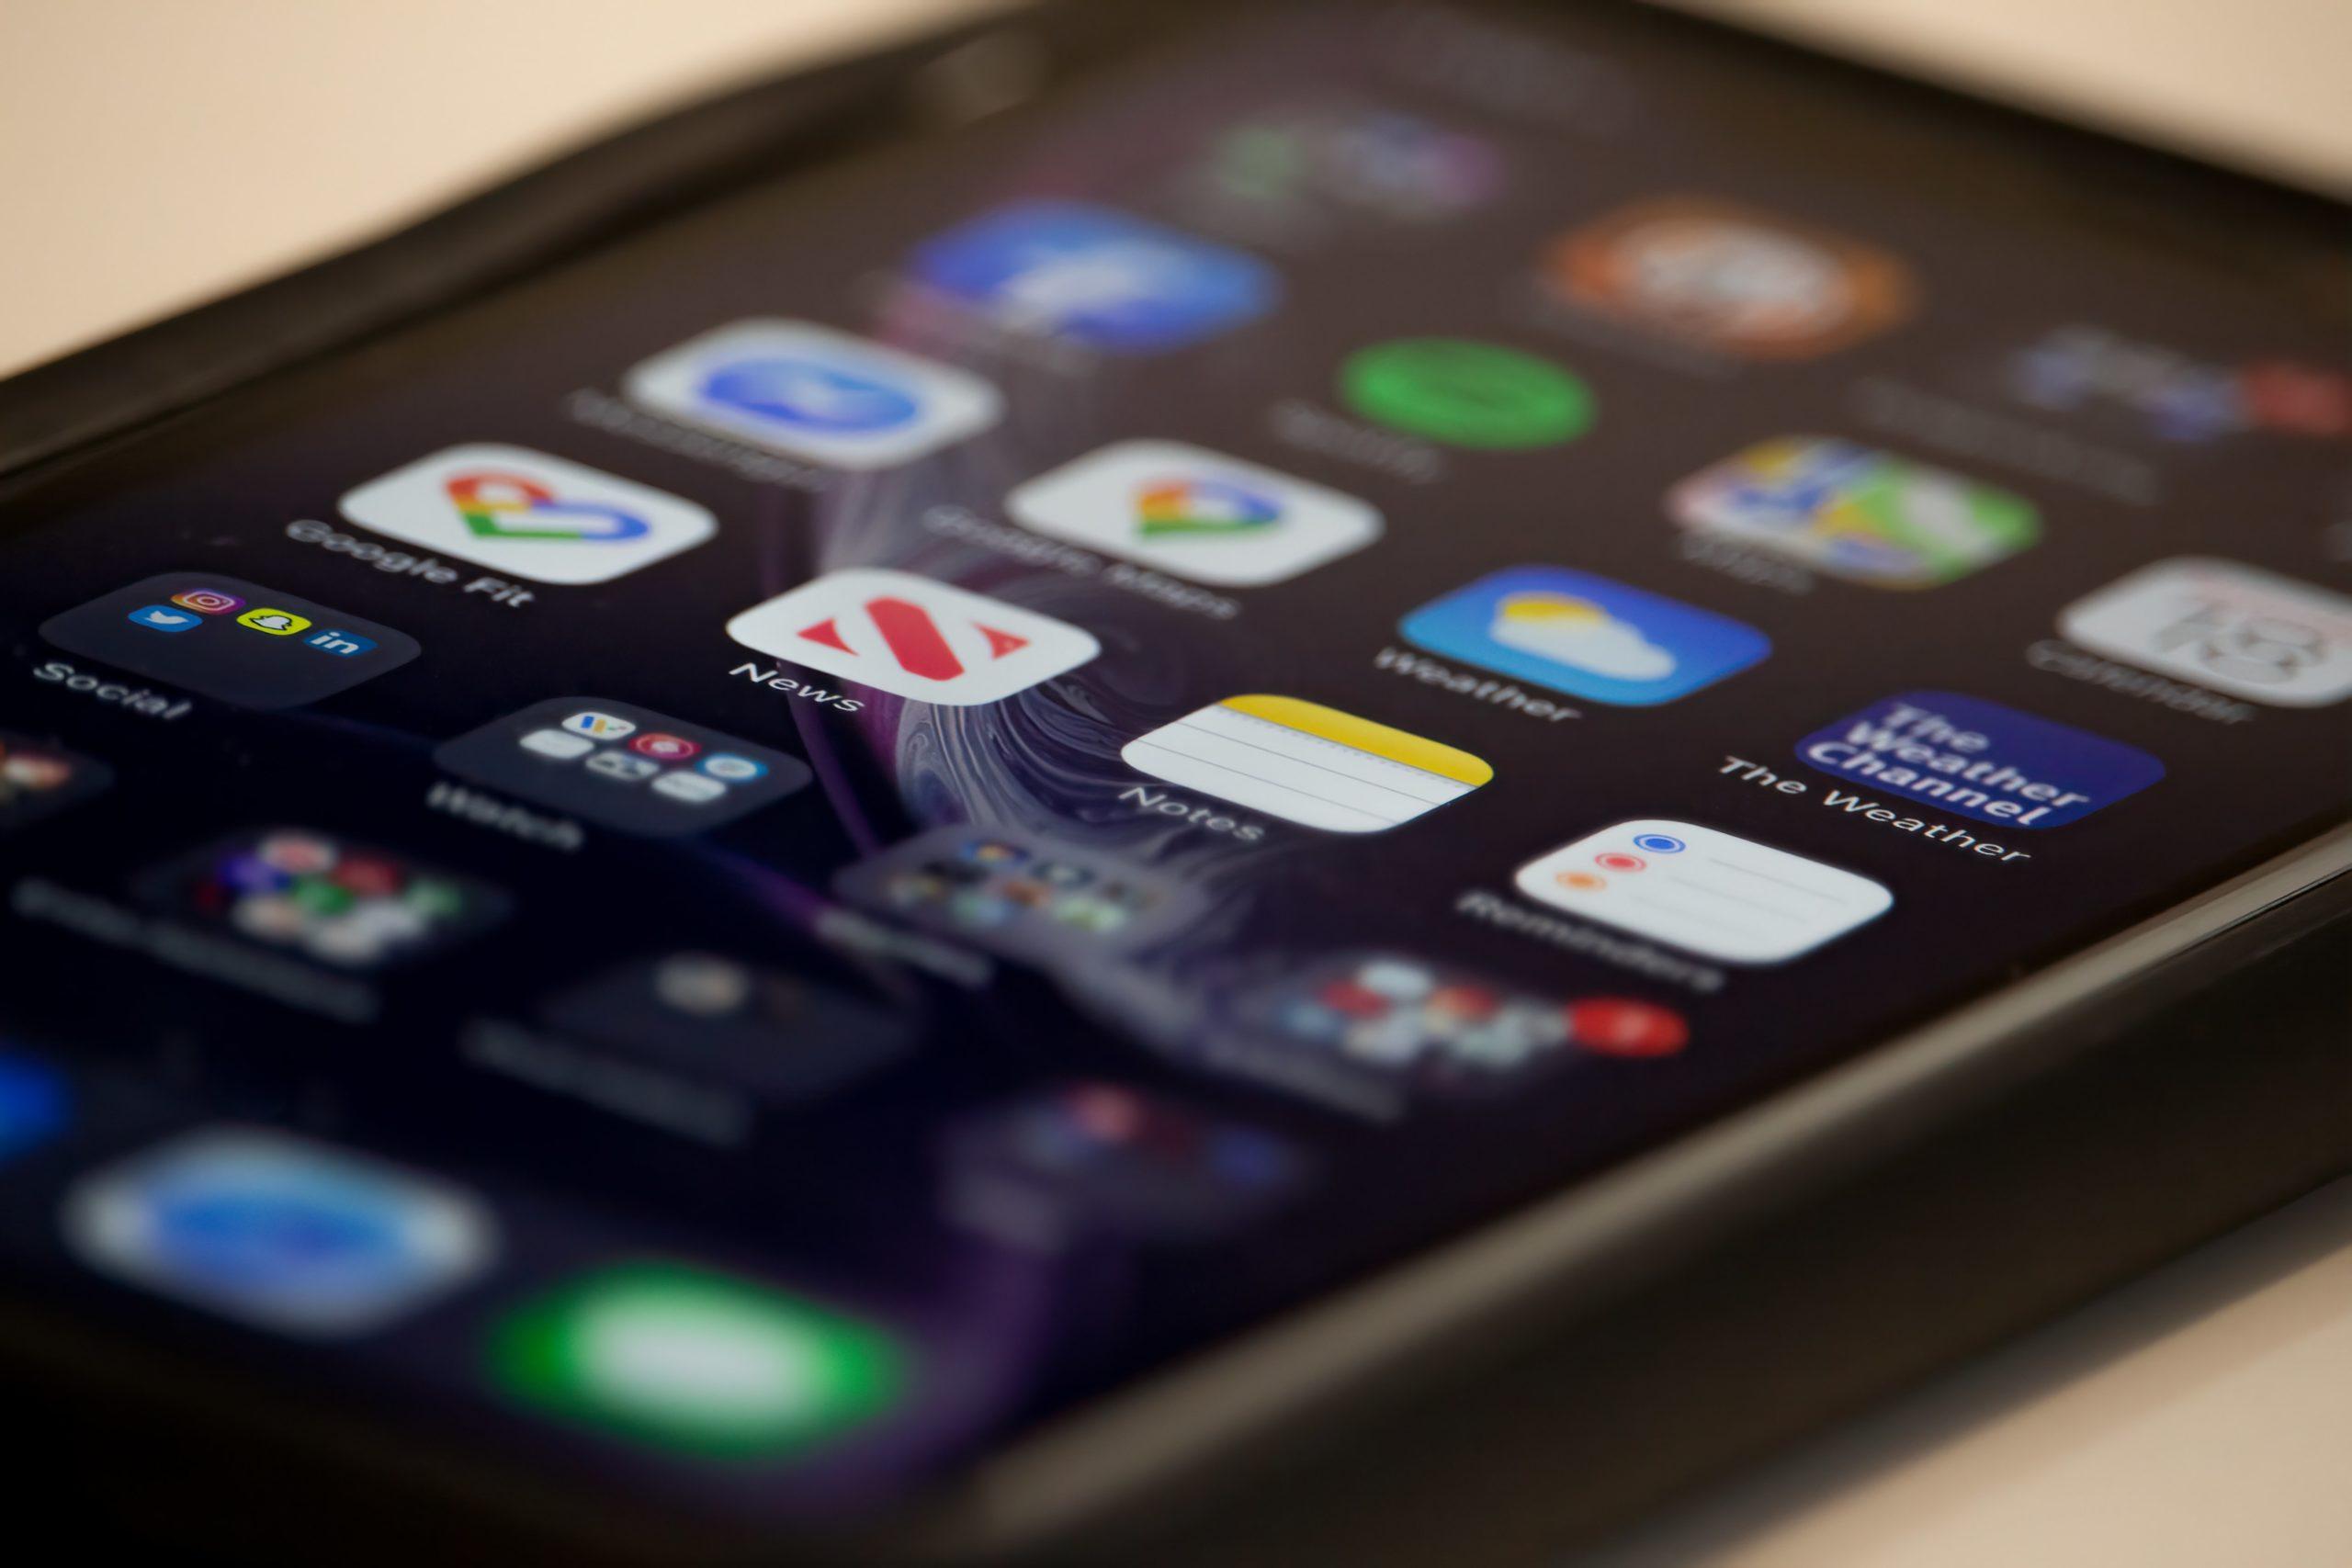 smartphone posé sur une table